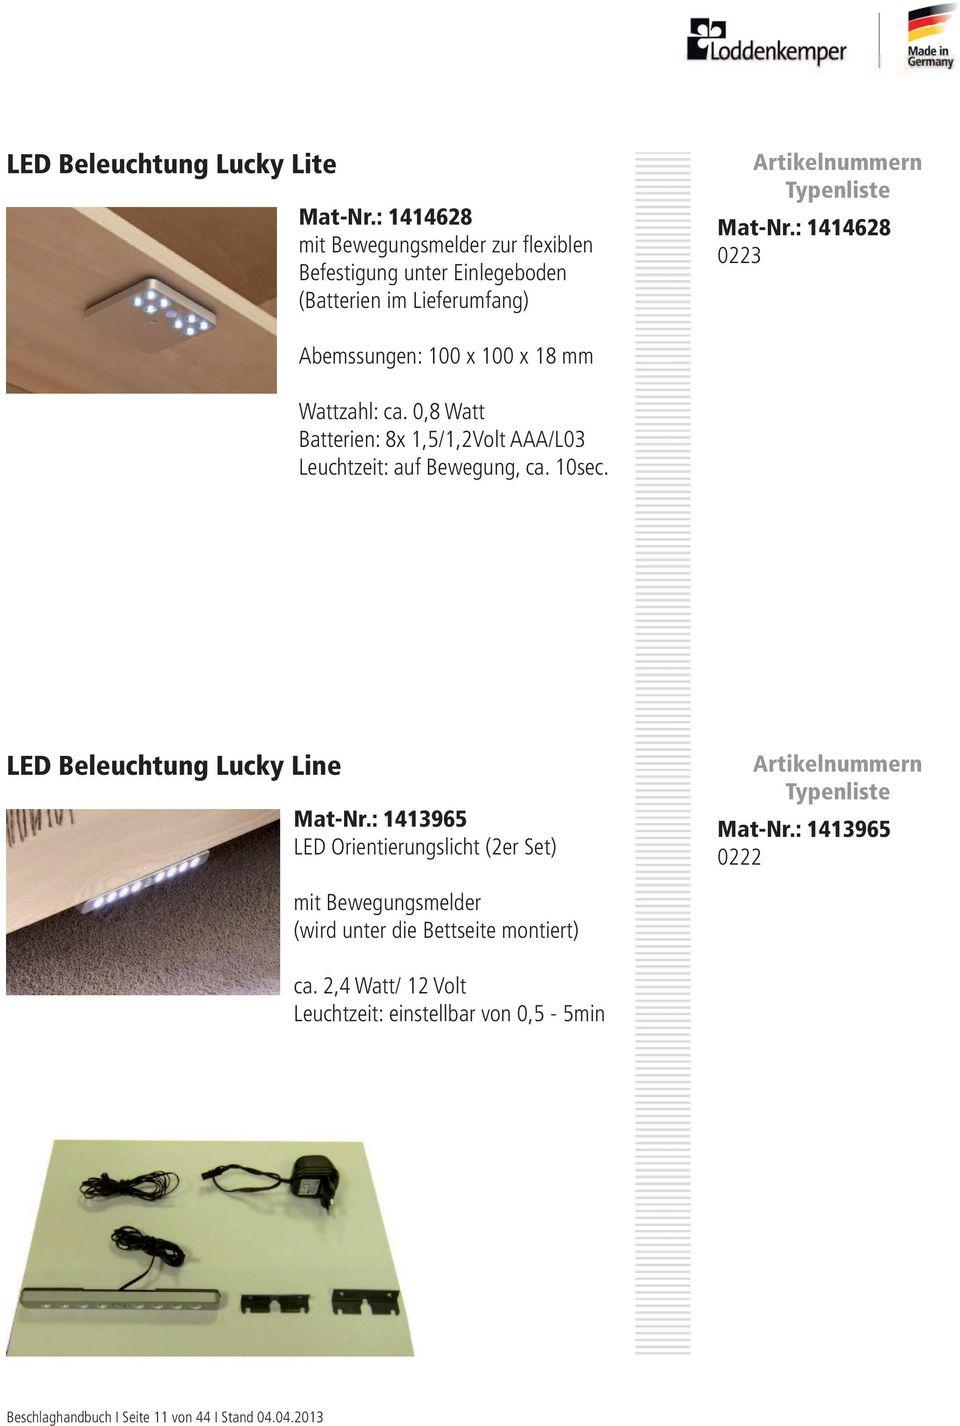 Full Size of Loddenkemper Navaro Schrank Bett Kommode Schlafzimmer Beschlaghandbuch Beleuchtung Pdf Free Download Wohnzimmer Loddenkemper Navaro